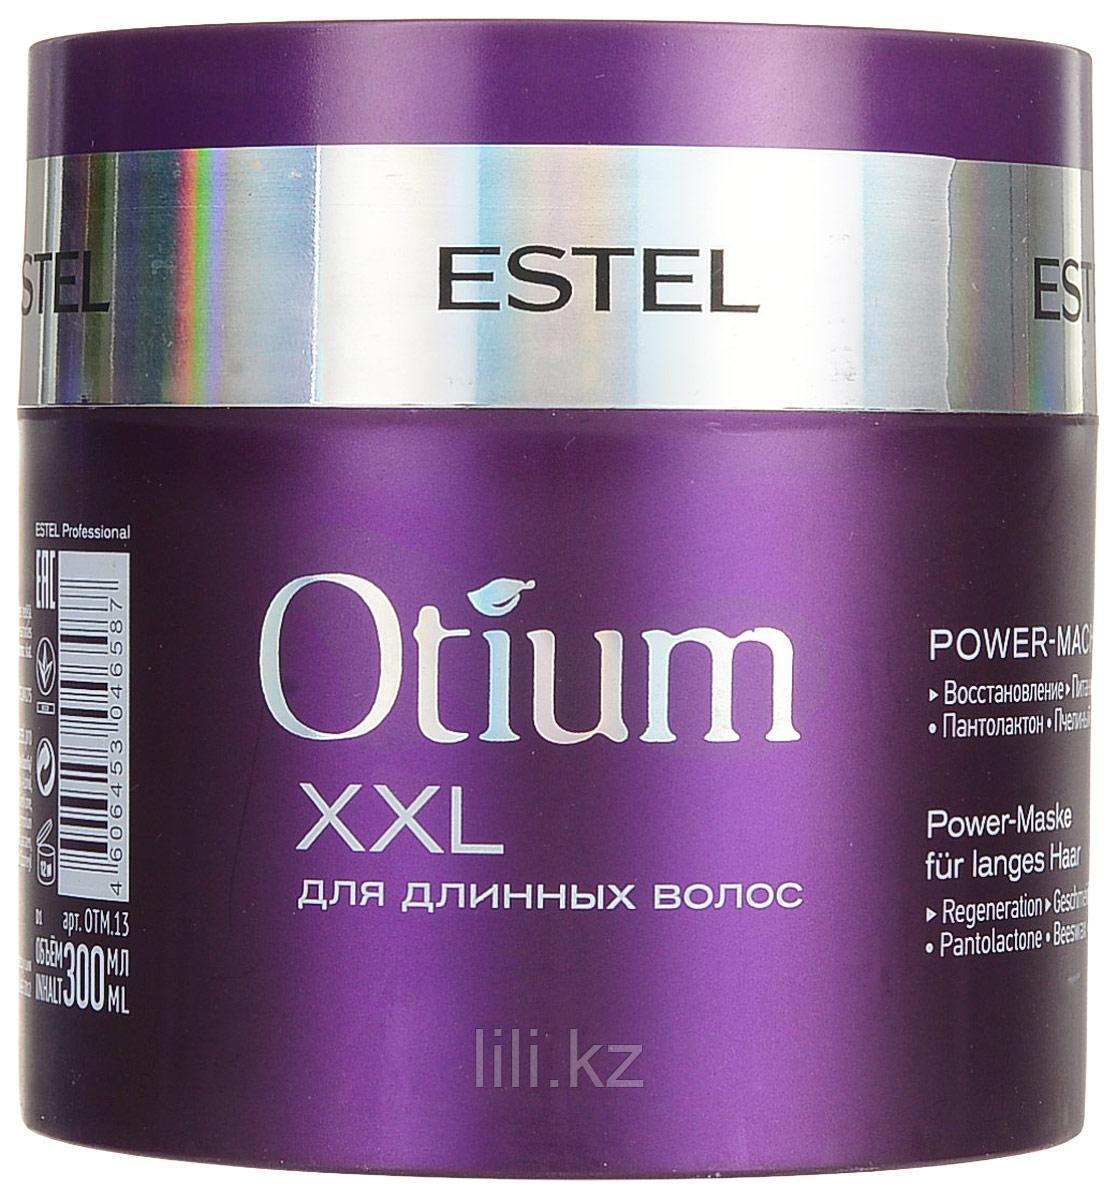 Питательная маска для длинных волос Estel OTIUM XXL 300 мл.